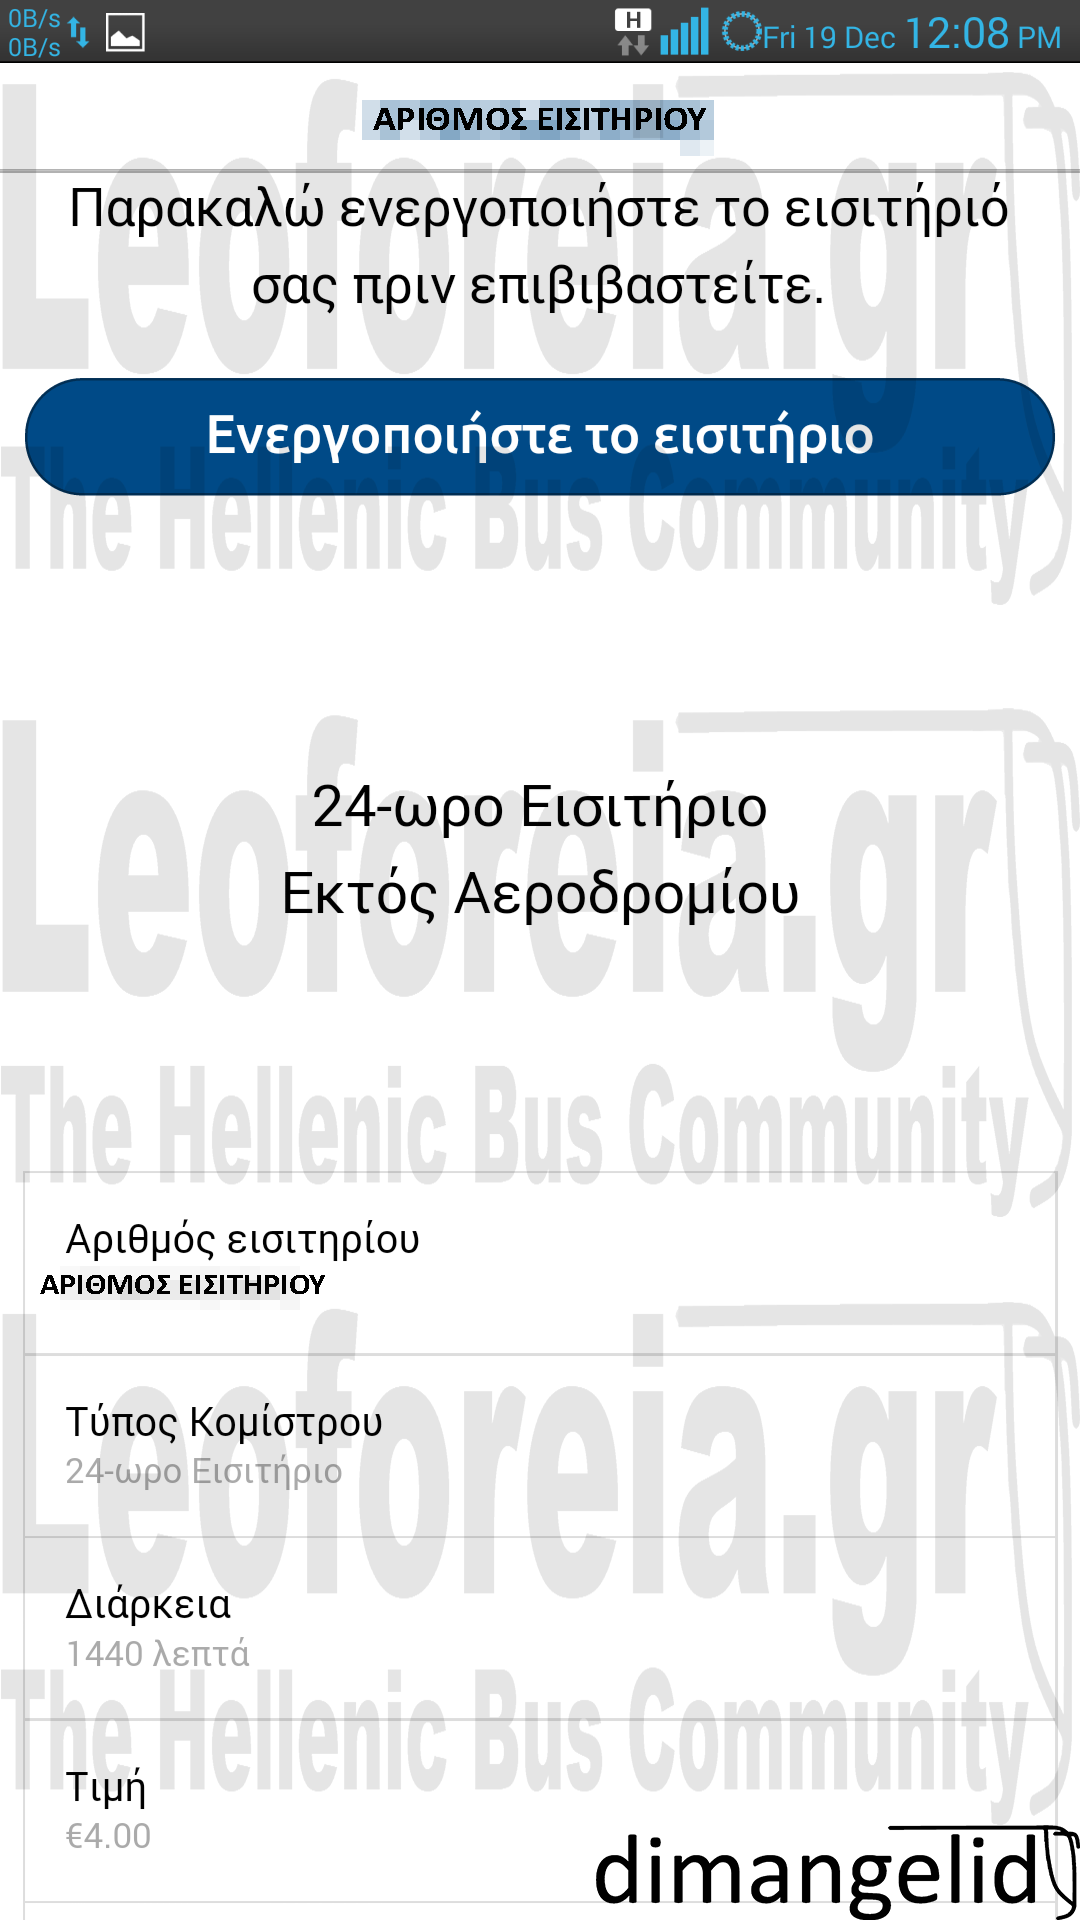 [Εικόνα: 23.energopoiisi_eisitiriou.png]